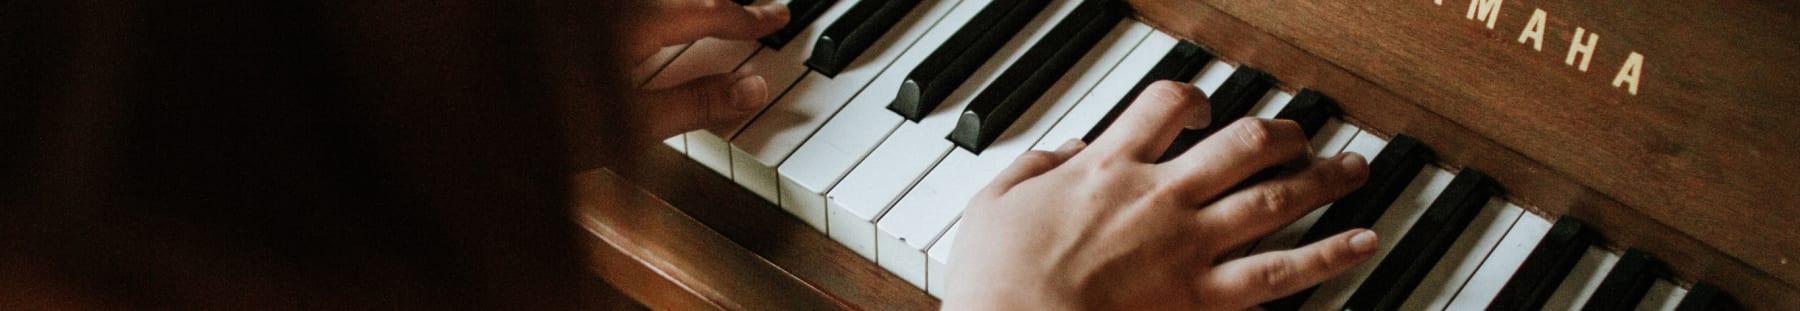 ピアノ演奏に最適なレンタルスタジオ